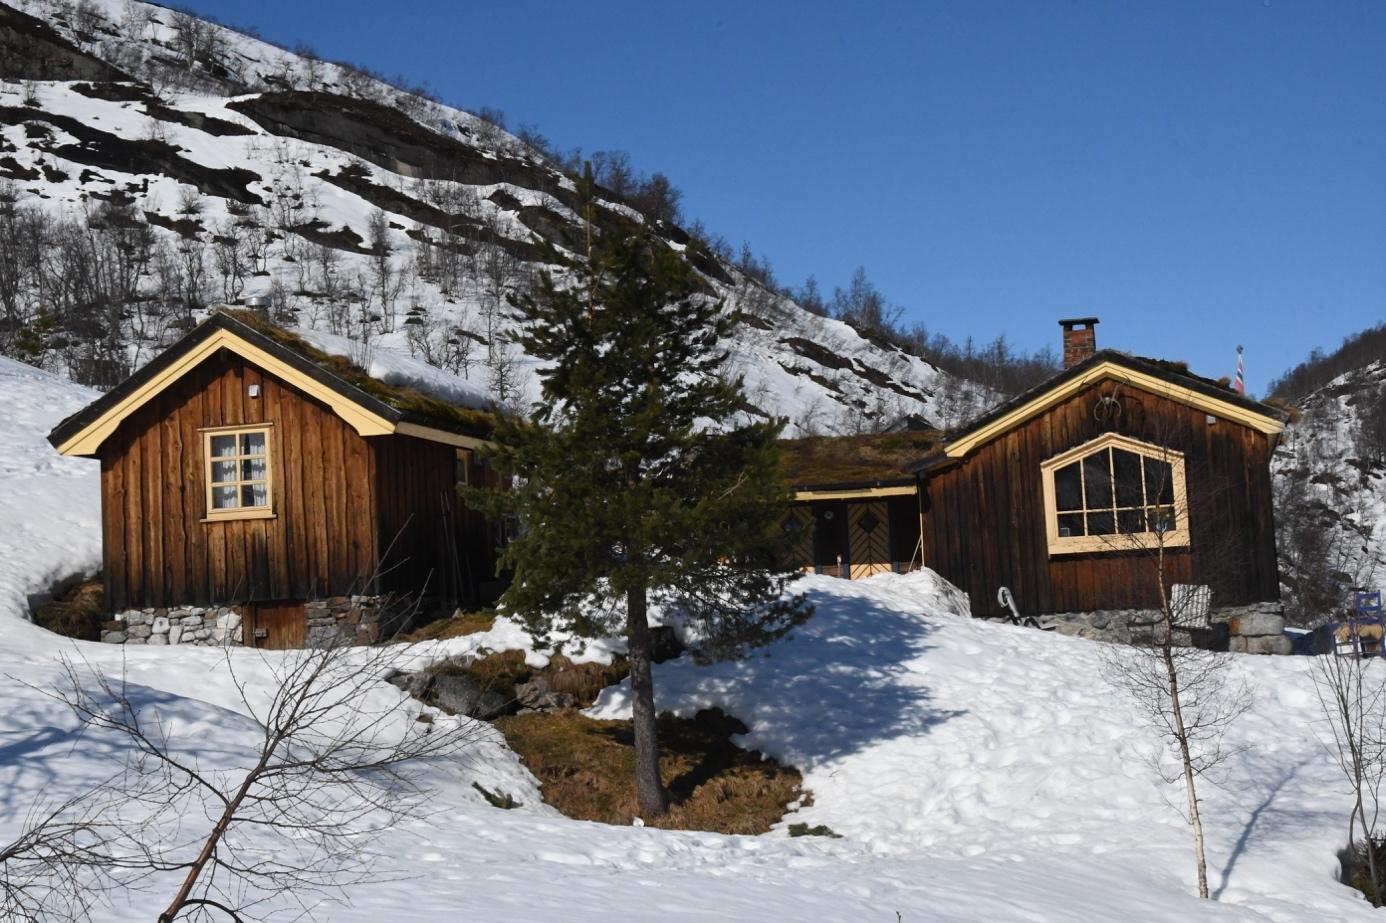 Et bilde som inneholder snø, utendørs, himmel, tre  Automatisk generert beskrivelse